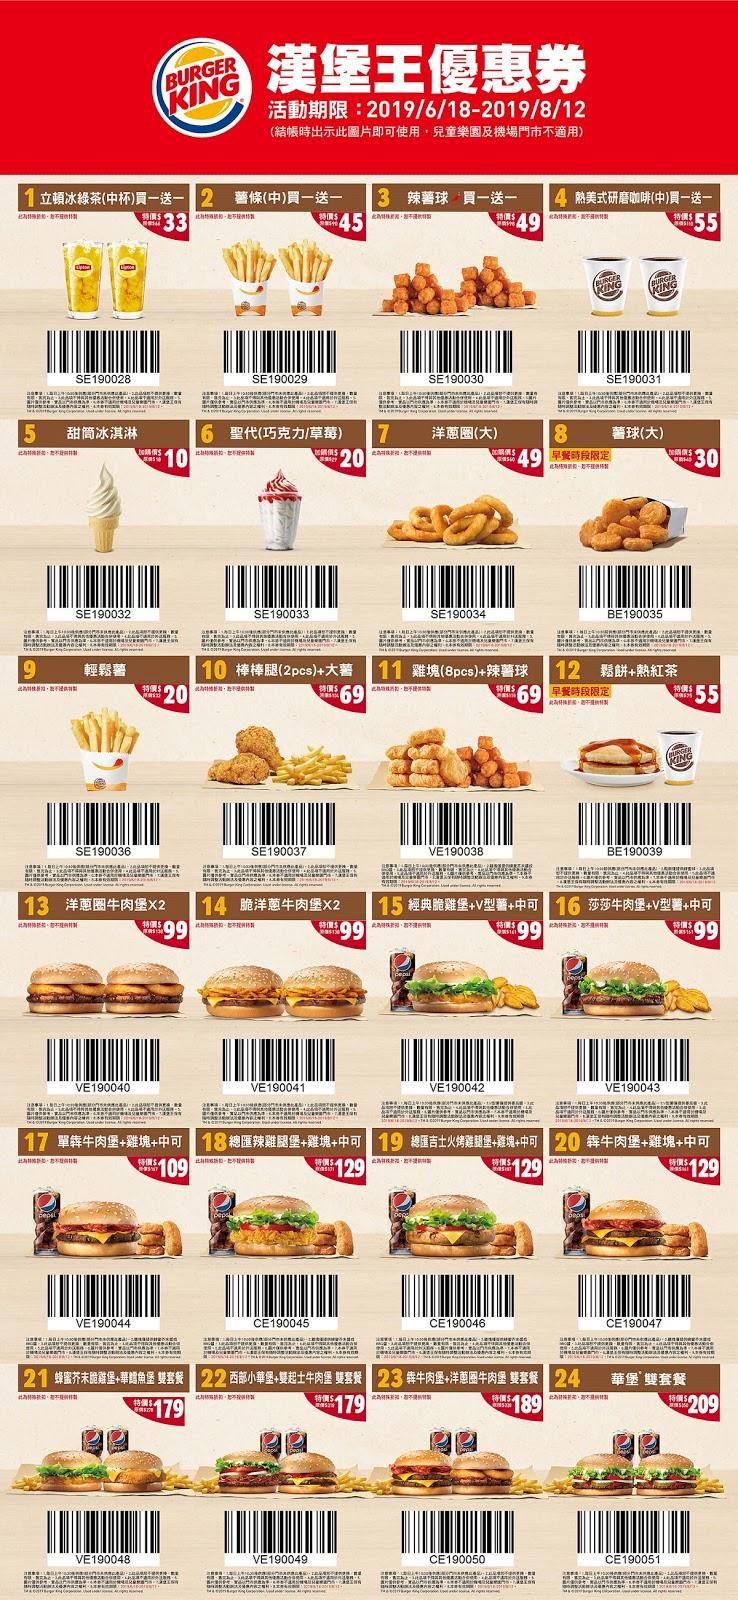 【漢堡王】優惠券/折價券/coupon 6/24更新 - 酷碰達人